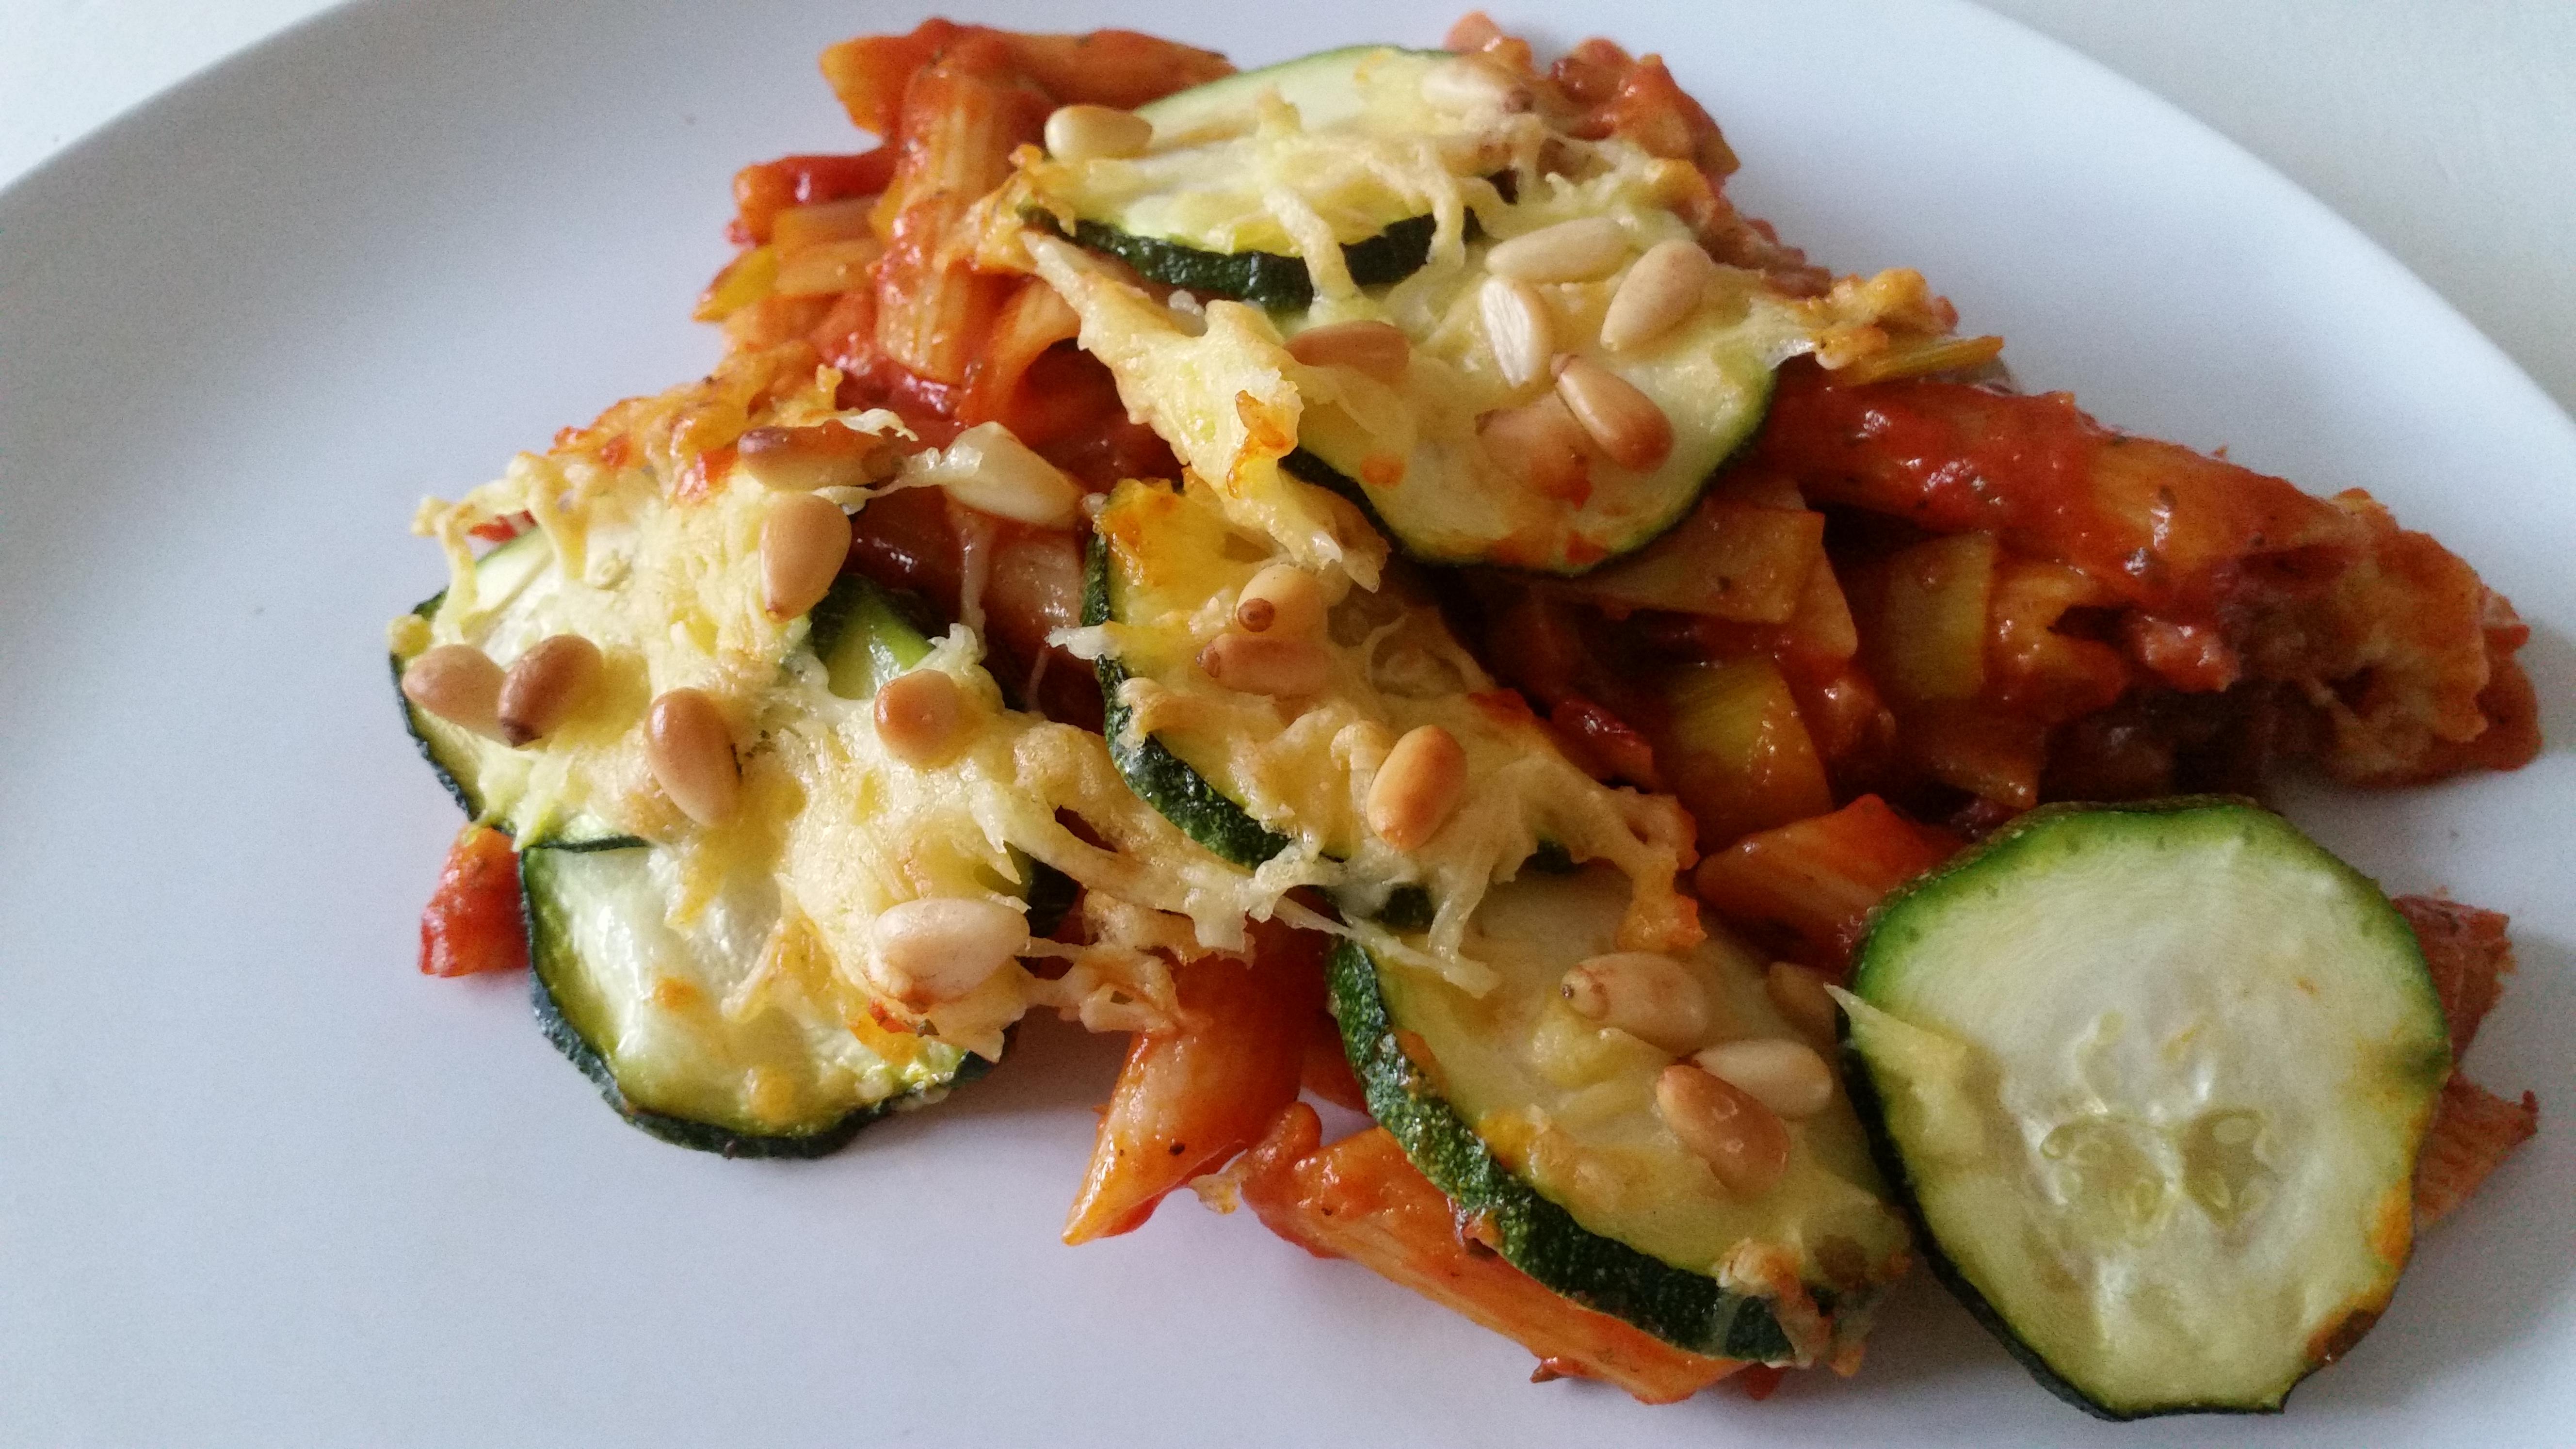 6-16-ovenschotel-lasagne-courgette-pasta-kaas-pastaschotel-pijnboompitjes-tomatensaus-tomaten-kaas-prei-recept-kindvriendelijk-kindje-peuter